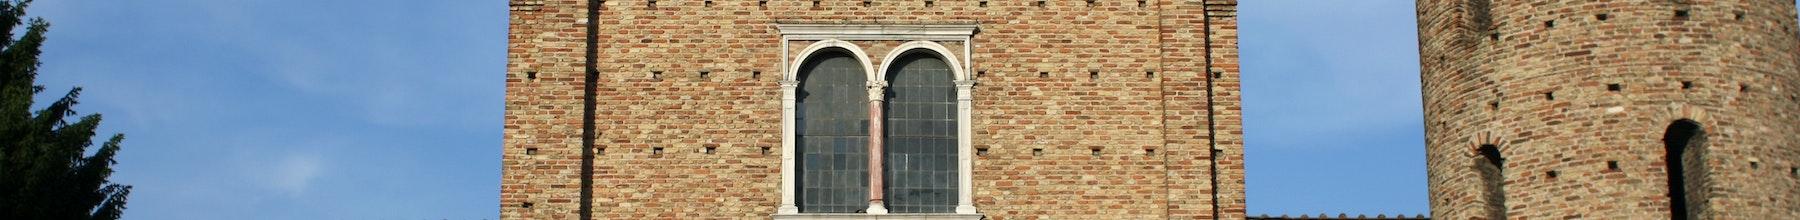 New Basilica of St. Apollinarus